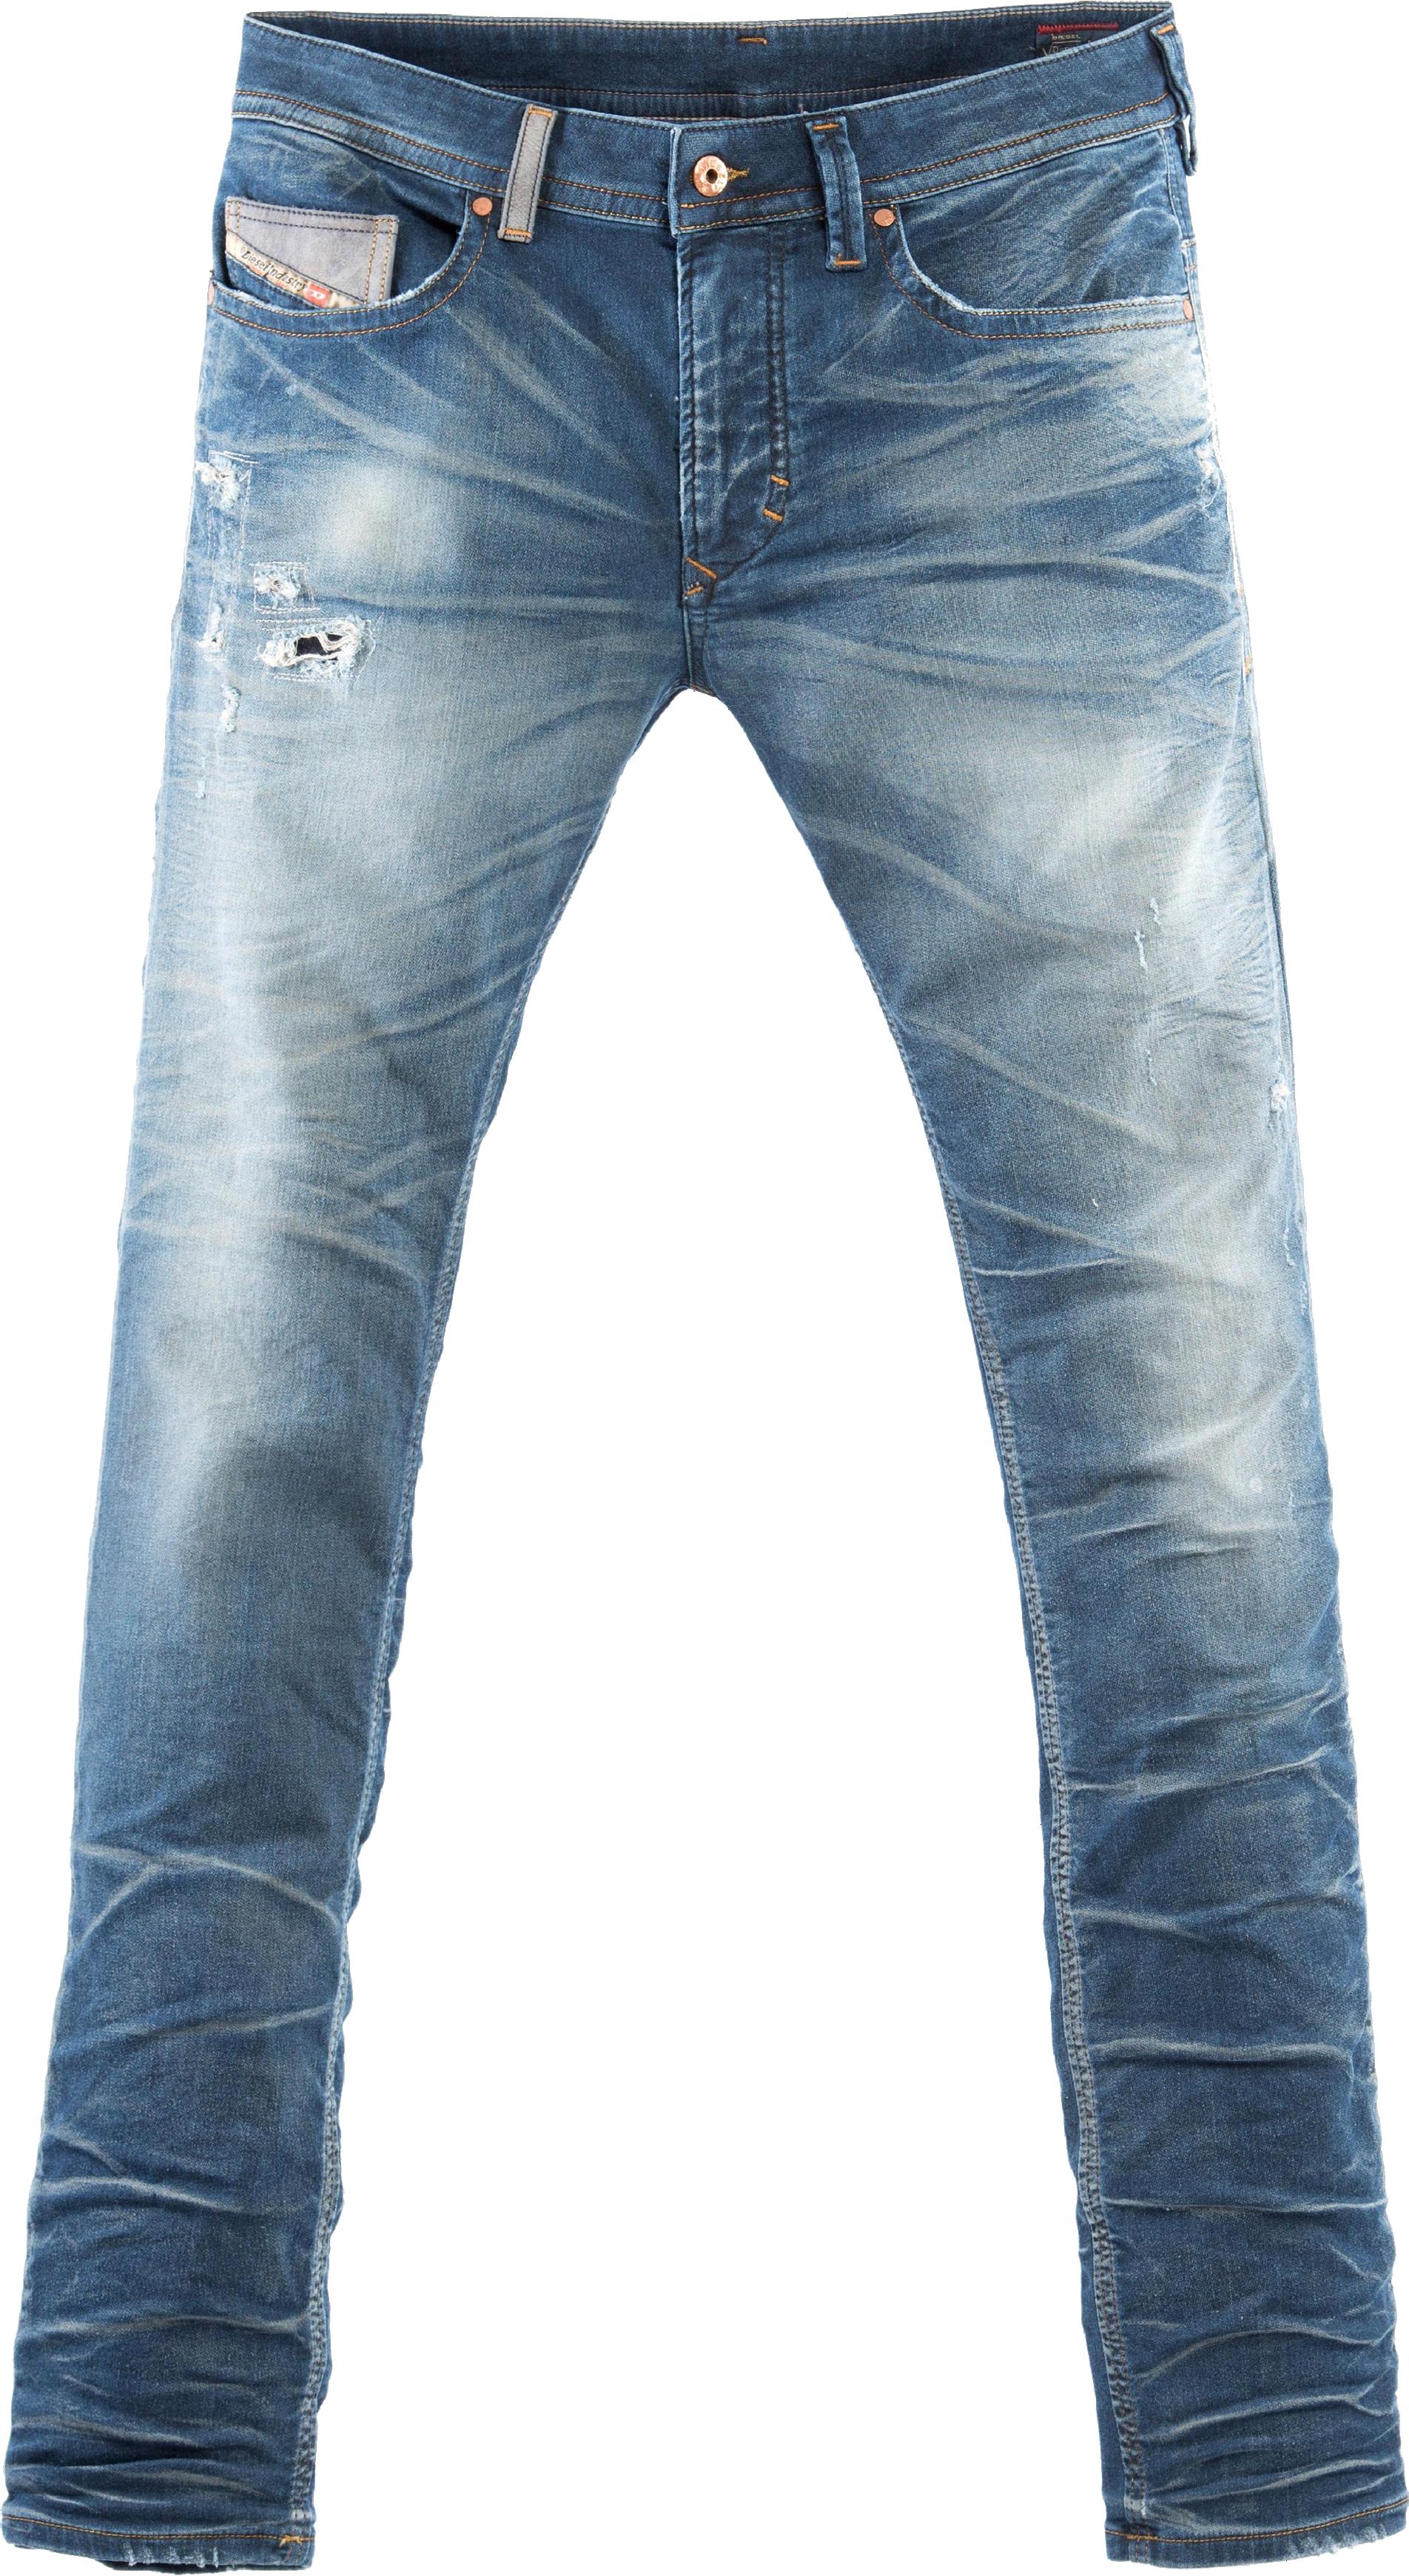 Men S Jeans Png Image Blue Jeans Mens Mens Fashion Jeans Mens Jeans